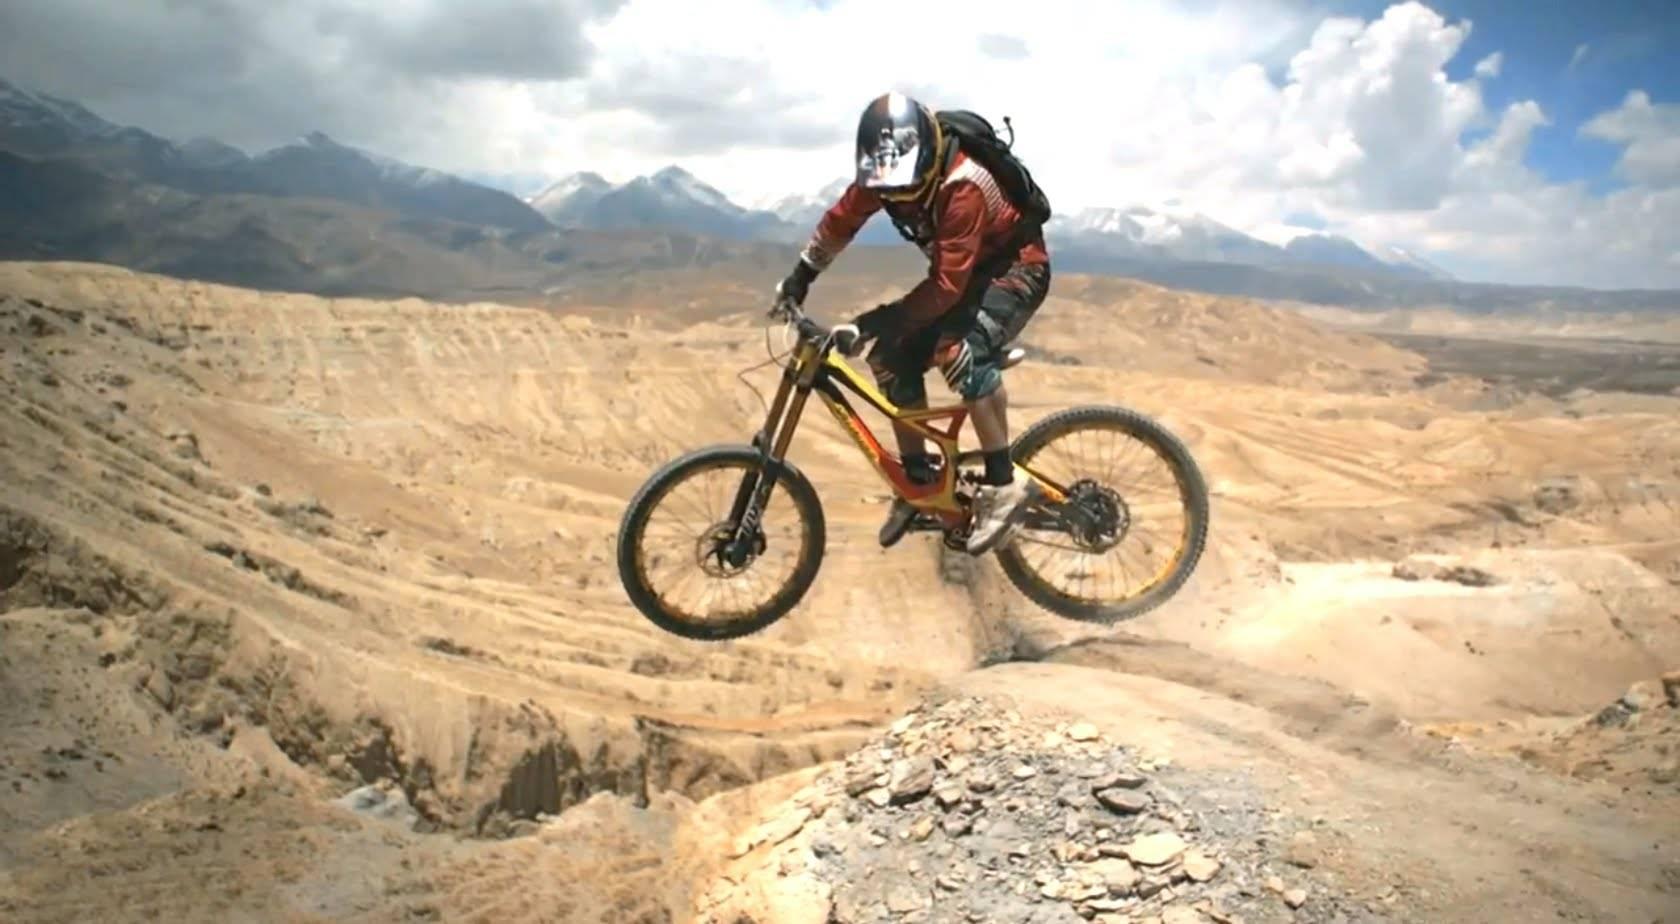 Трюки на горном велосипеде